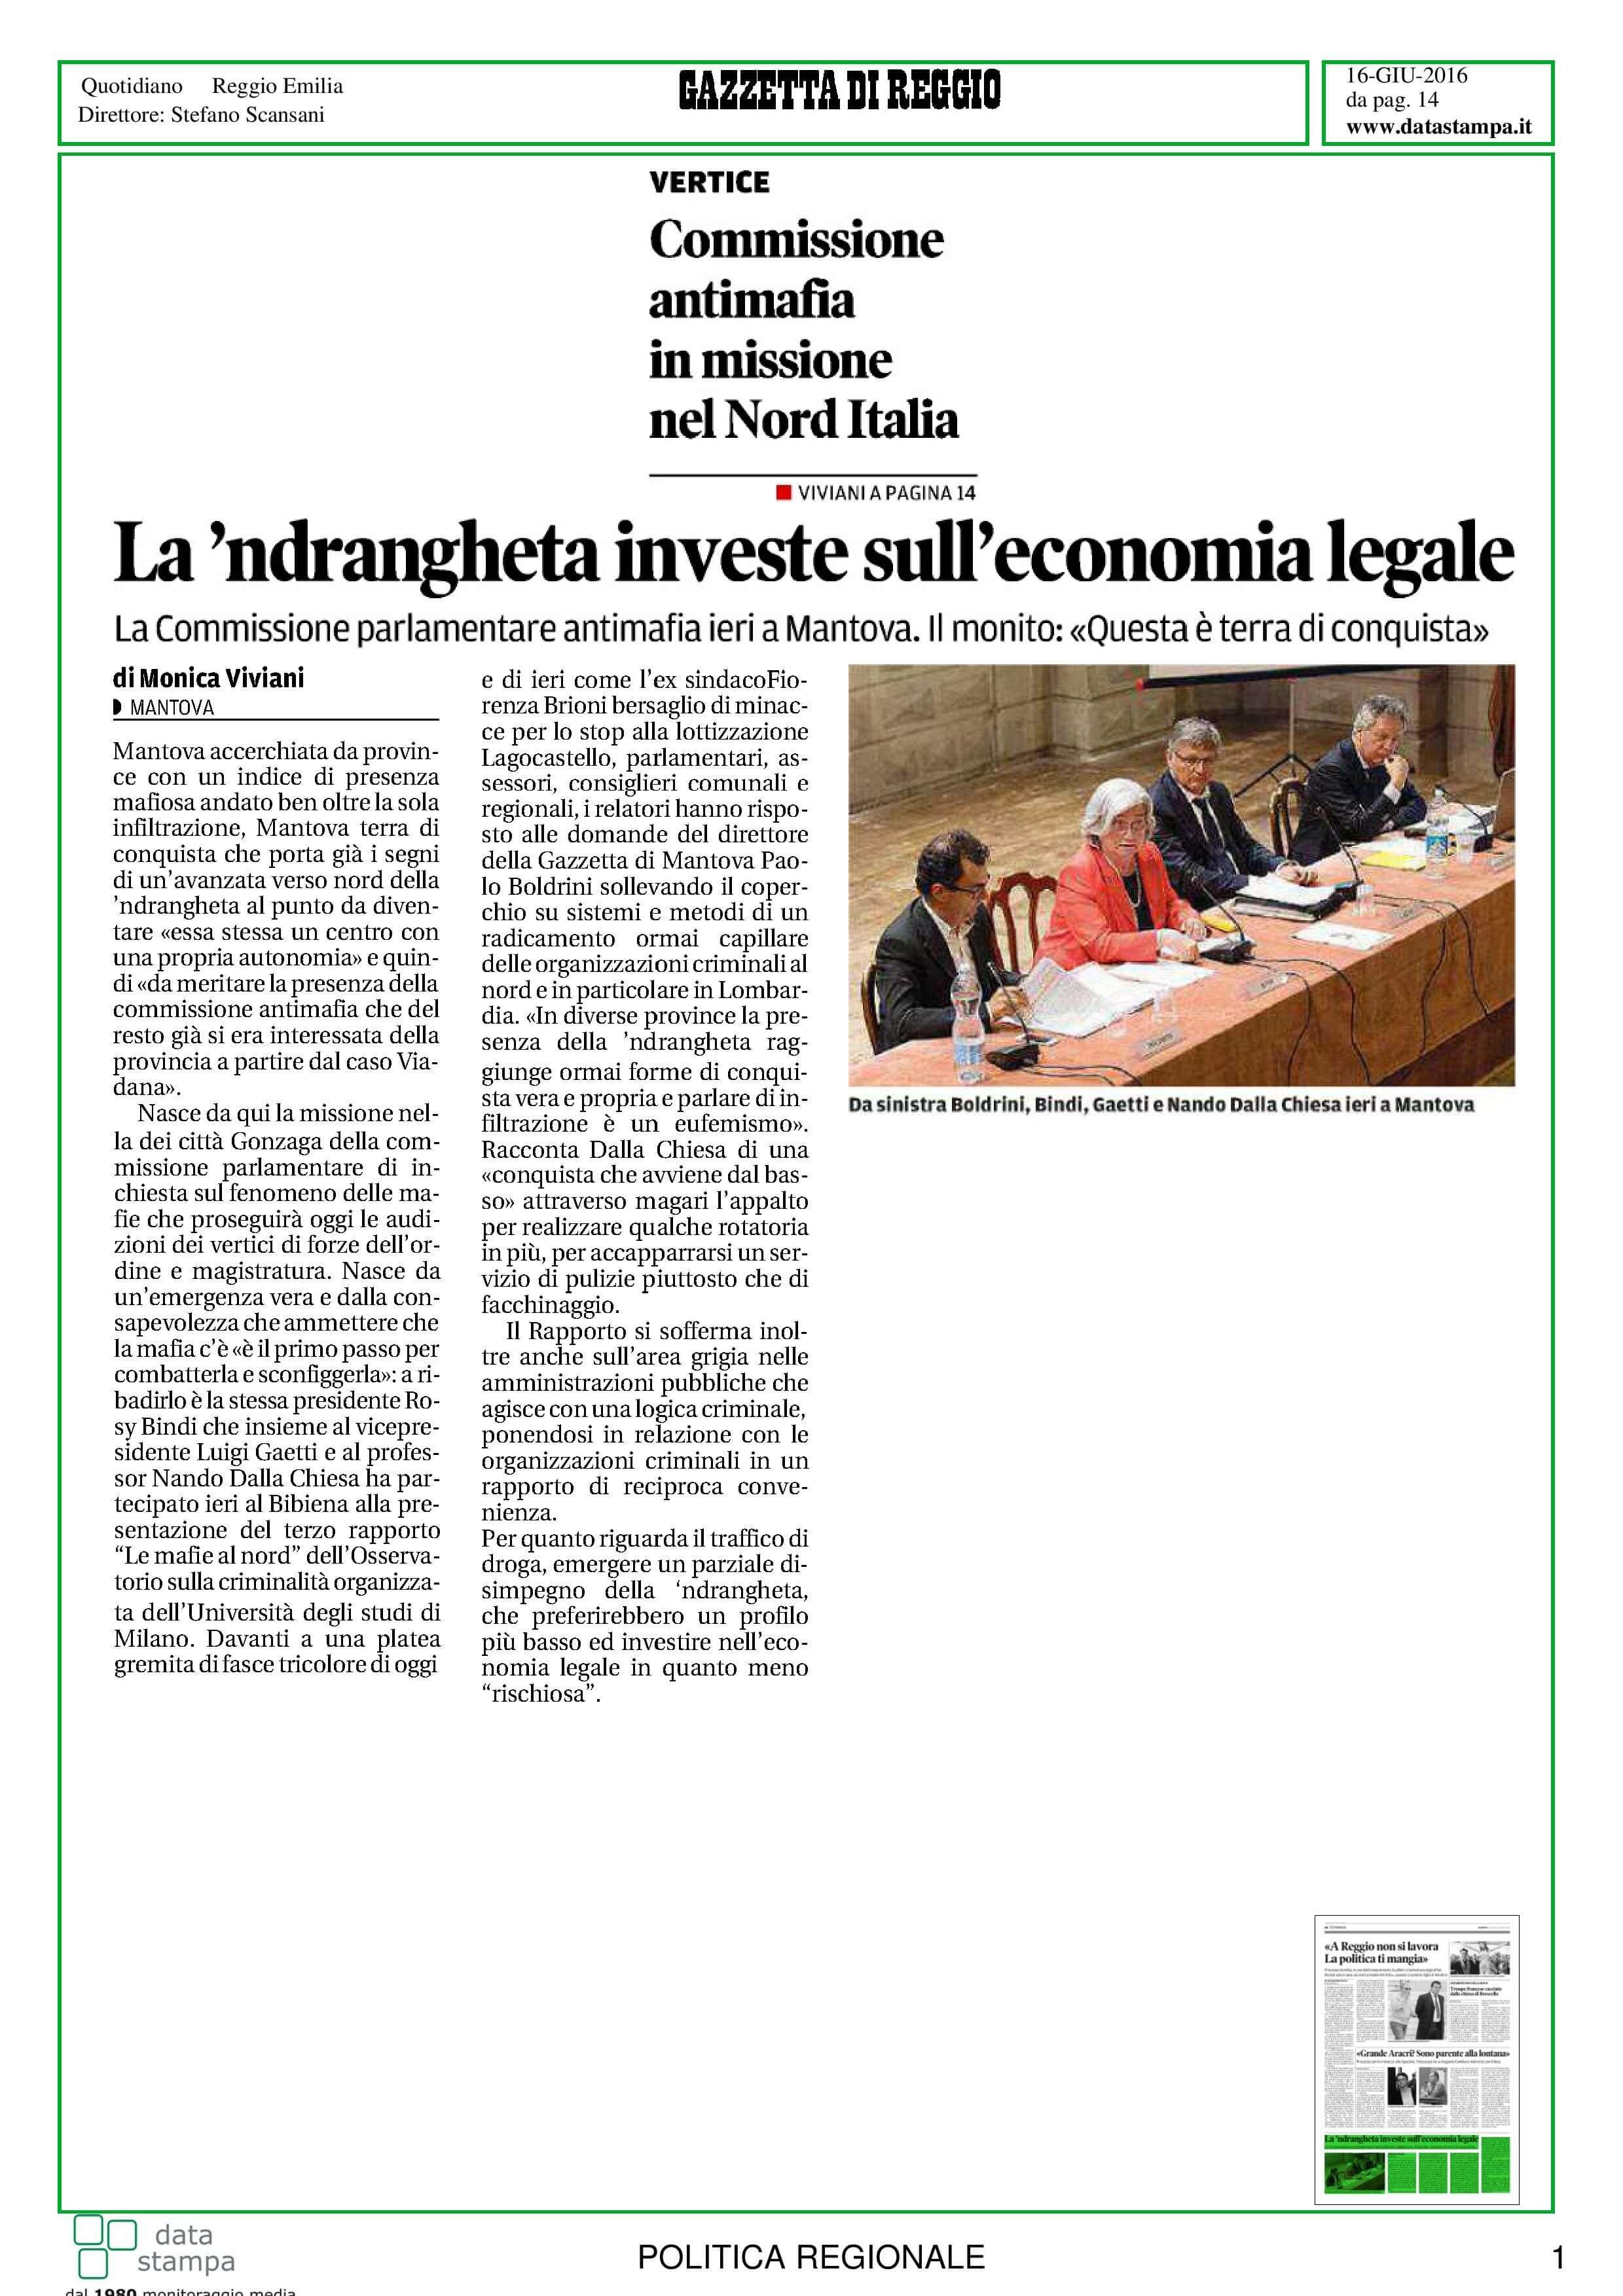 monitor-mafia-legalita-16-6-2016-page-002